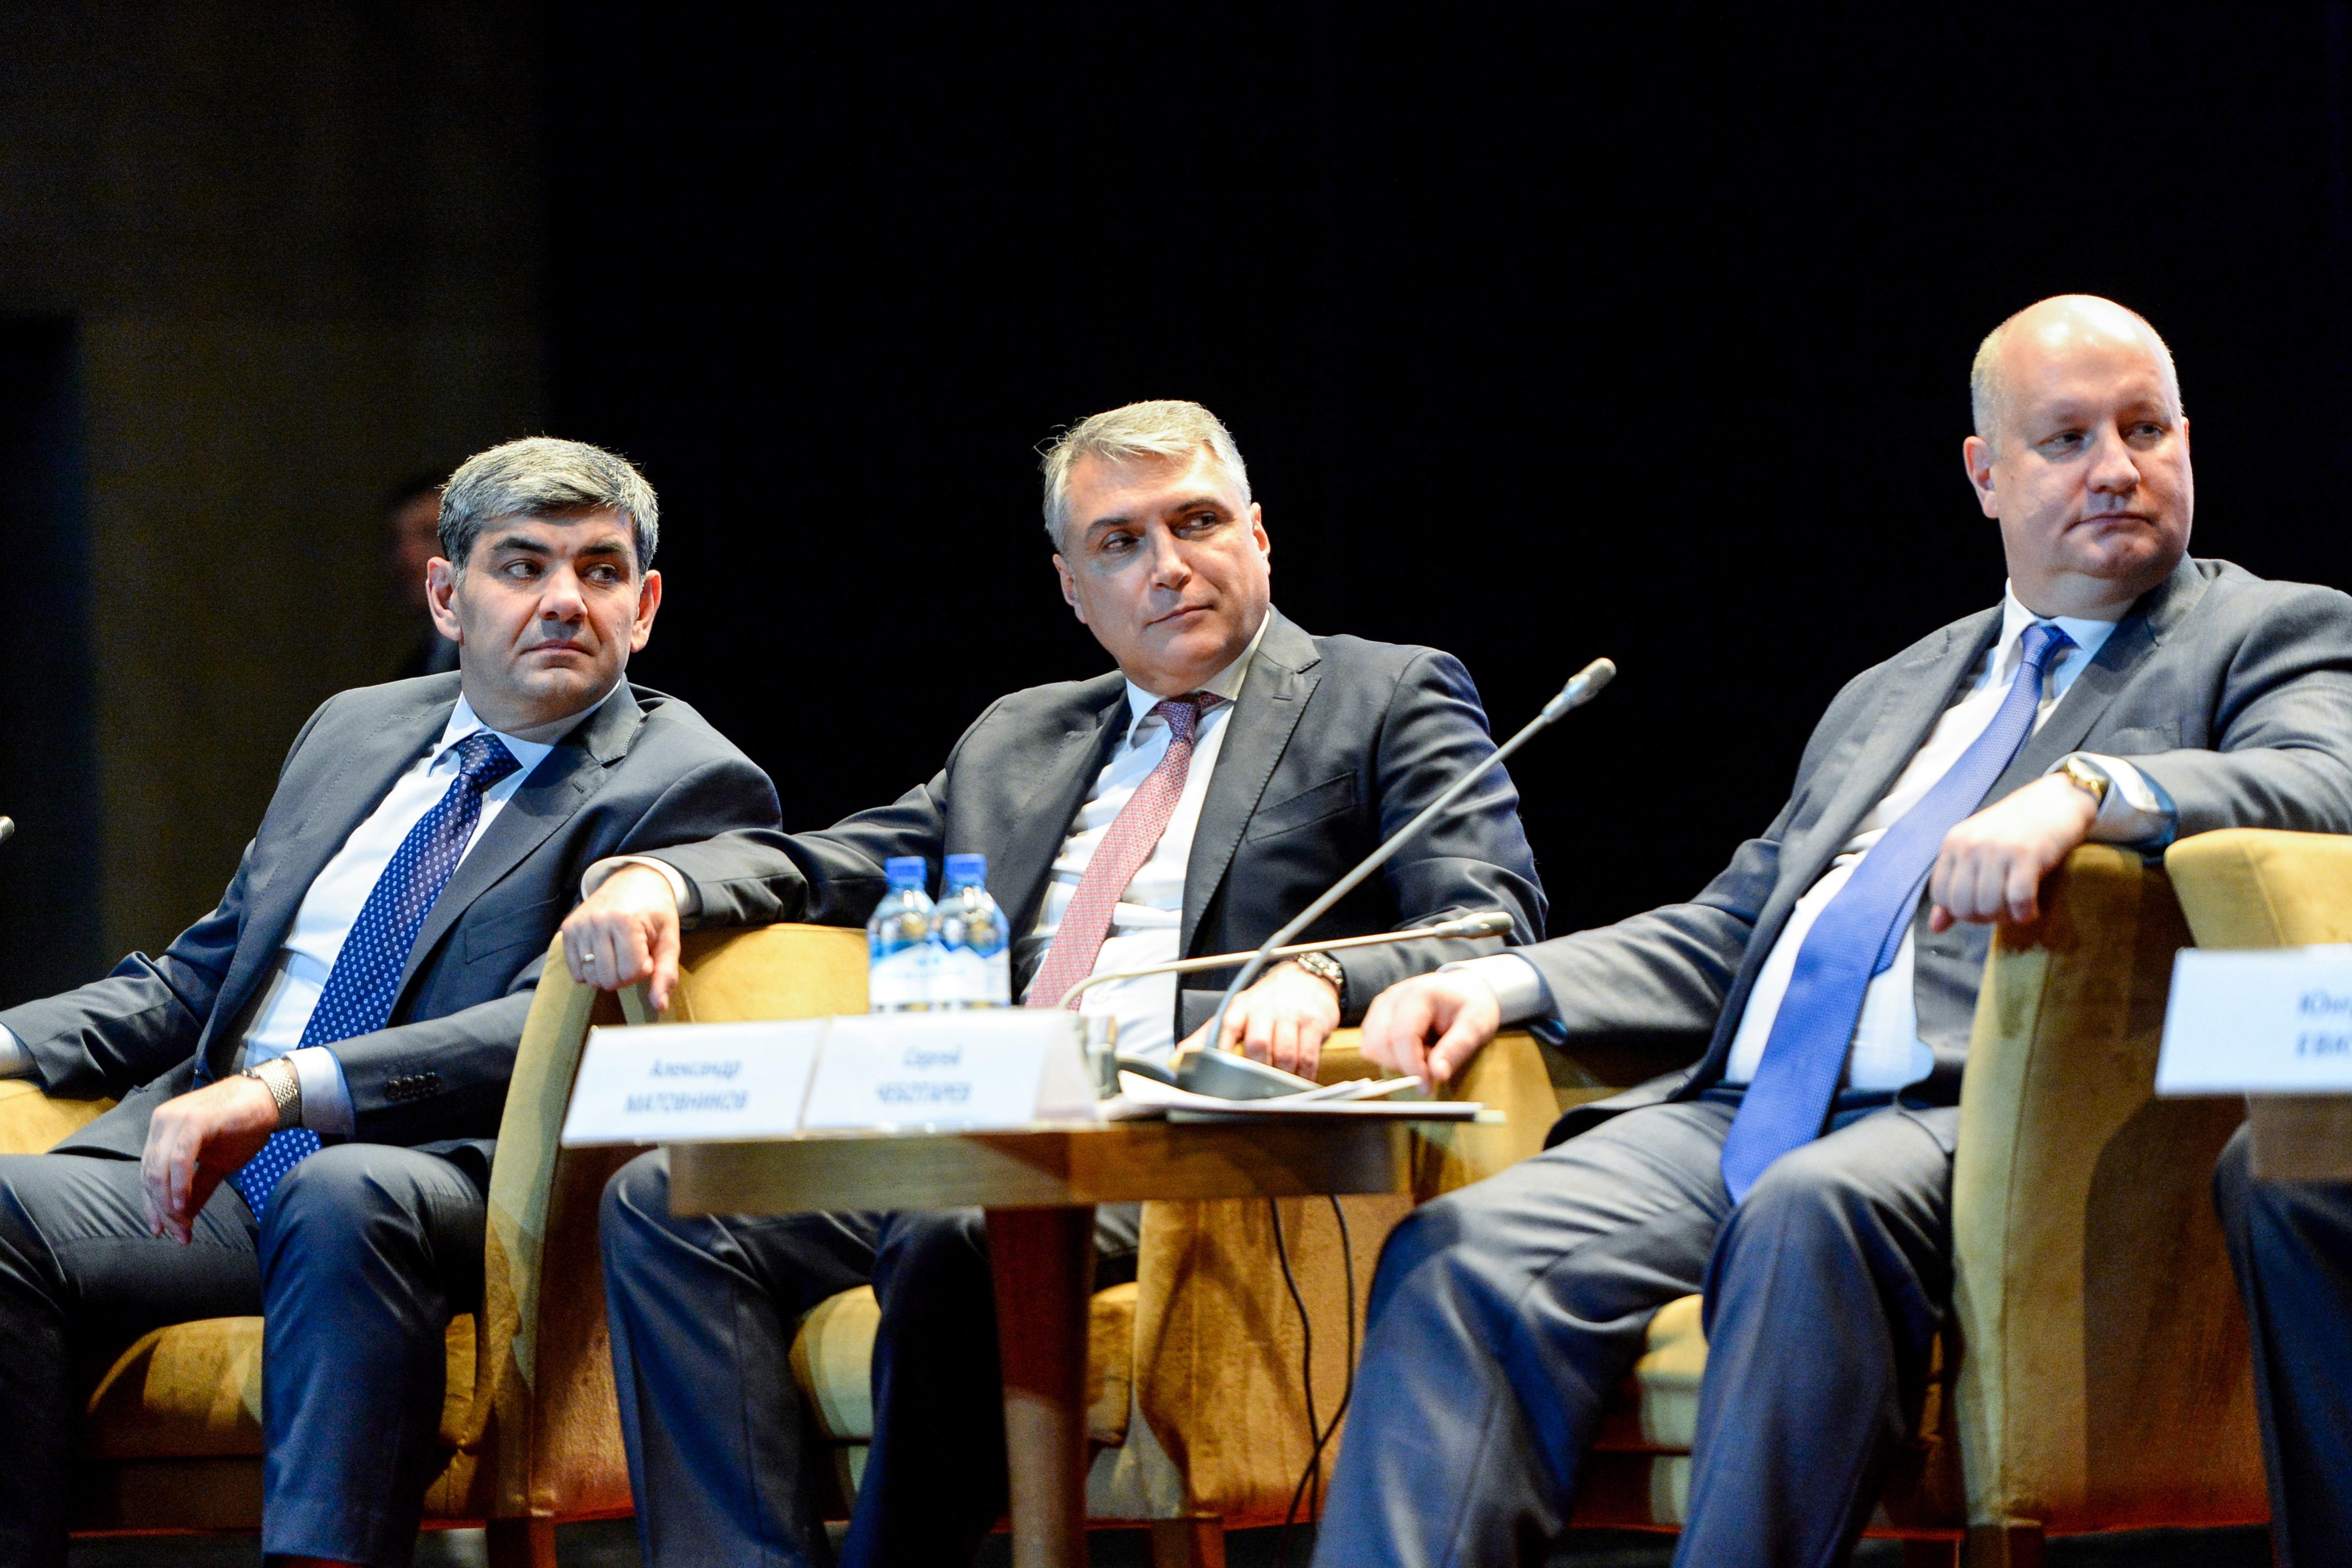 Экономику СКФО в рамках государственного развития обсудят на форуме «Инвестируй в Кавказ»